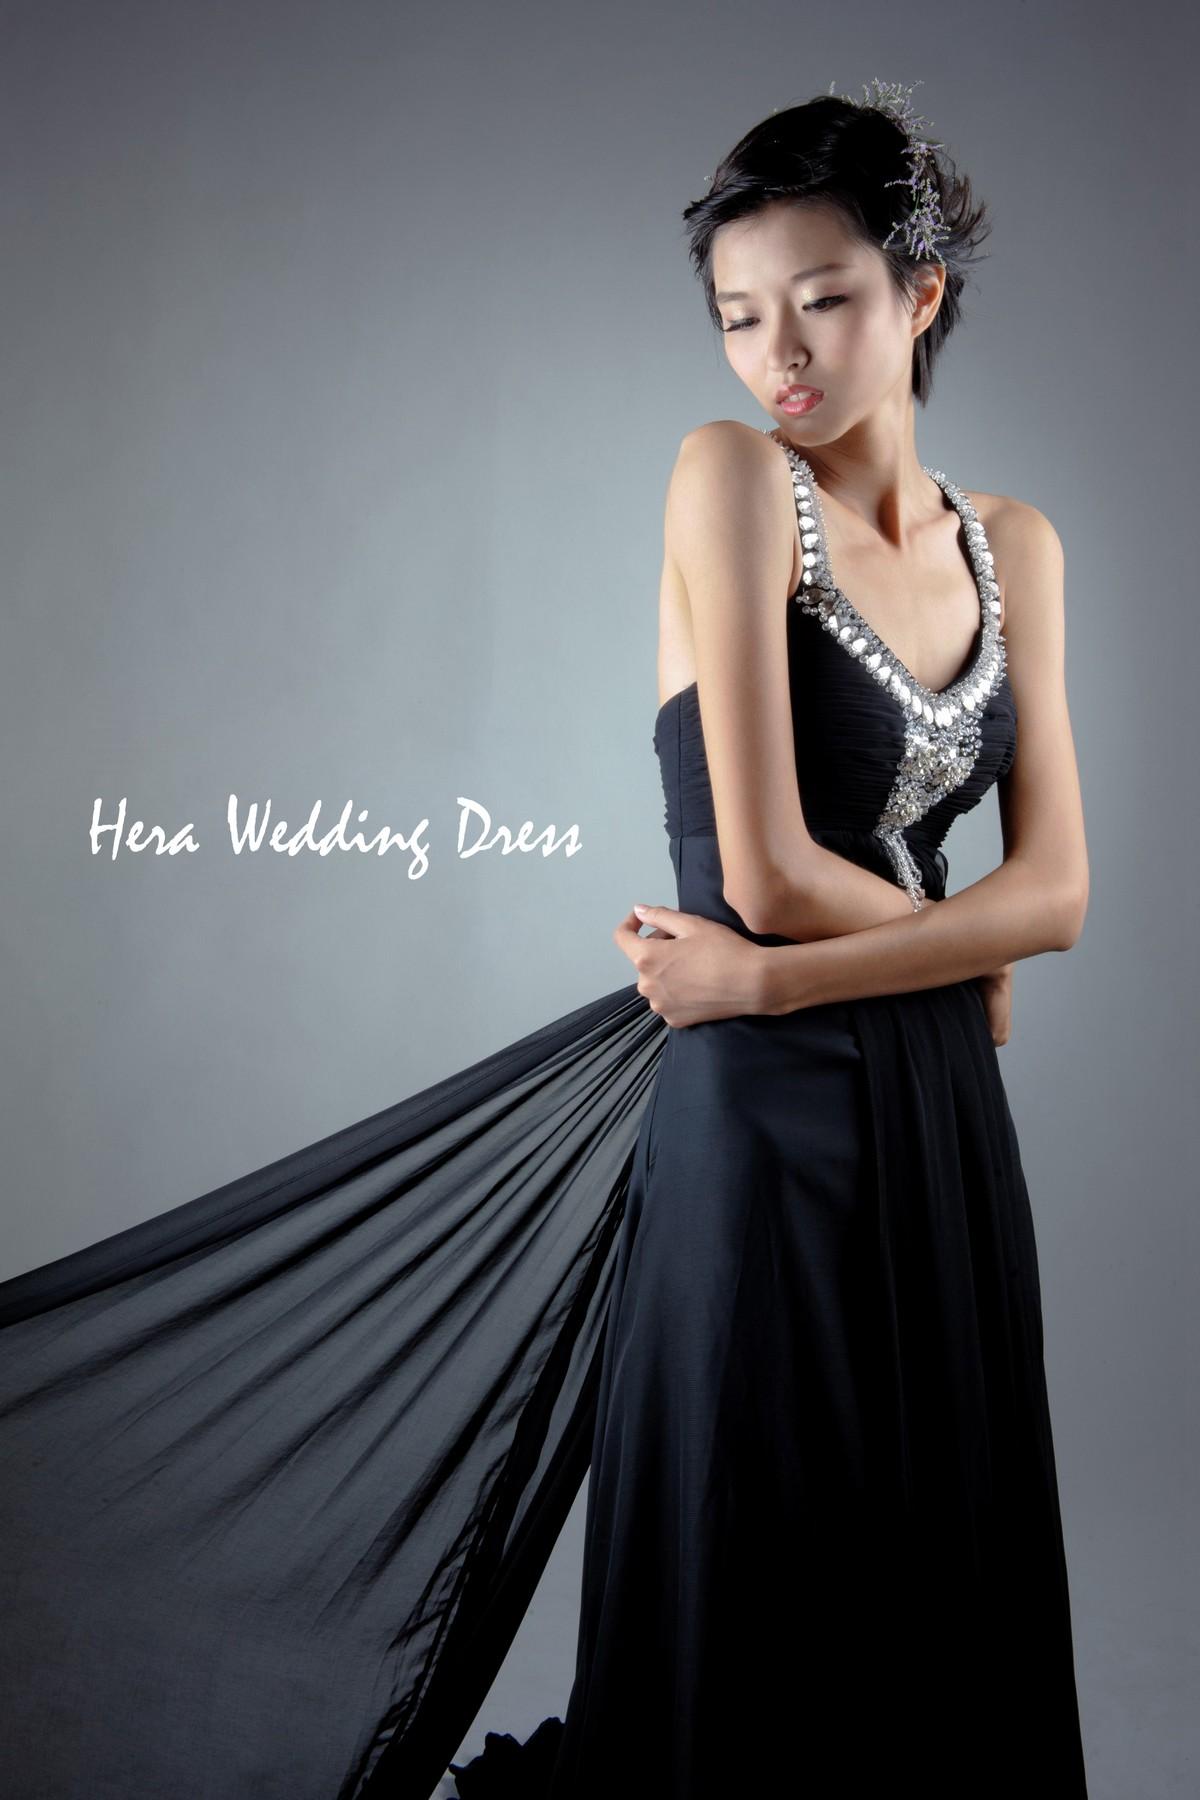 二手婚紗,二手禮服,禮服婚紗,婚紗價格,禮服推薦,禮服售賣,婚紗特賣,禮服特賣,平價婚紗,晚禮服推薦,平價禮服,婚紗價格ptt